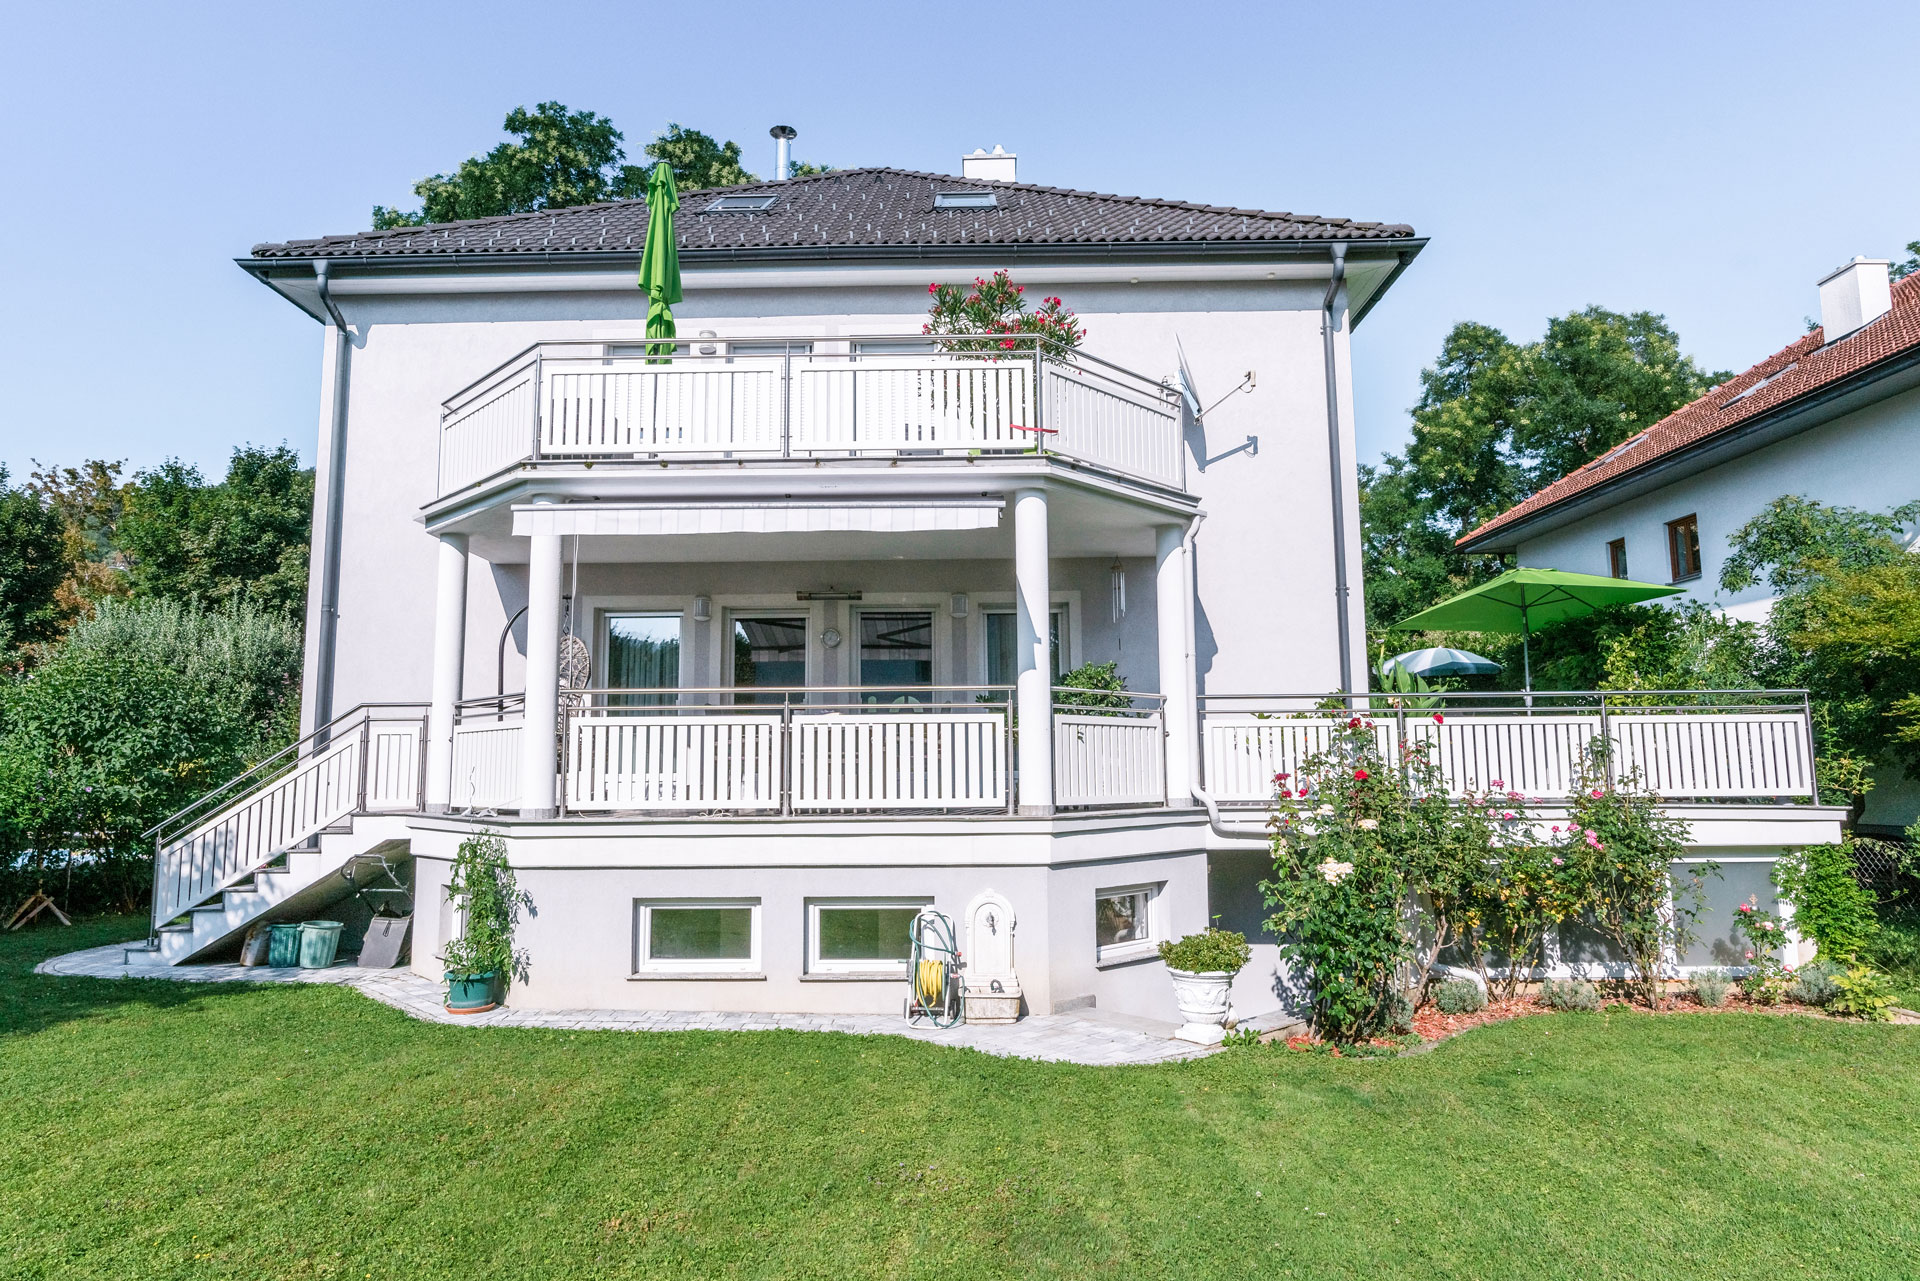 EA Baden 01 c | Geländer bei Balkon, Terrasse und Stiege aus Niro-Stehern, Niro-Handlauf und weisser Alu-Lattung | Svoboda Metalltechnik